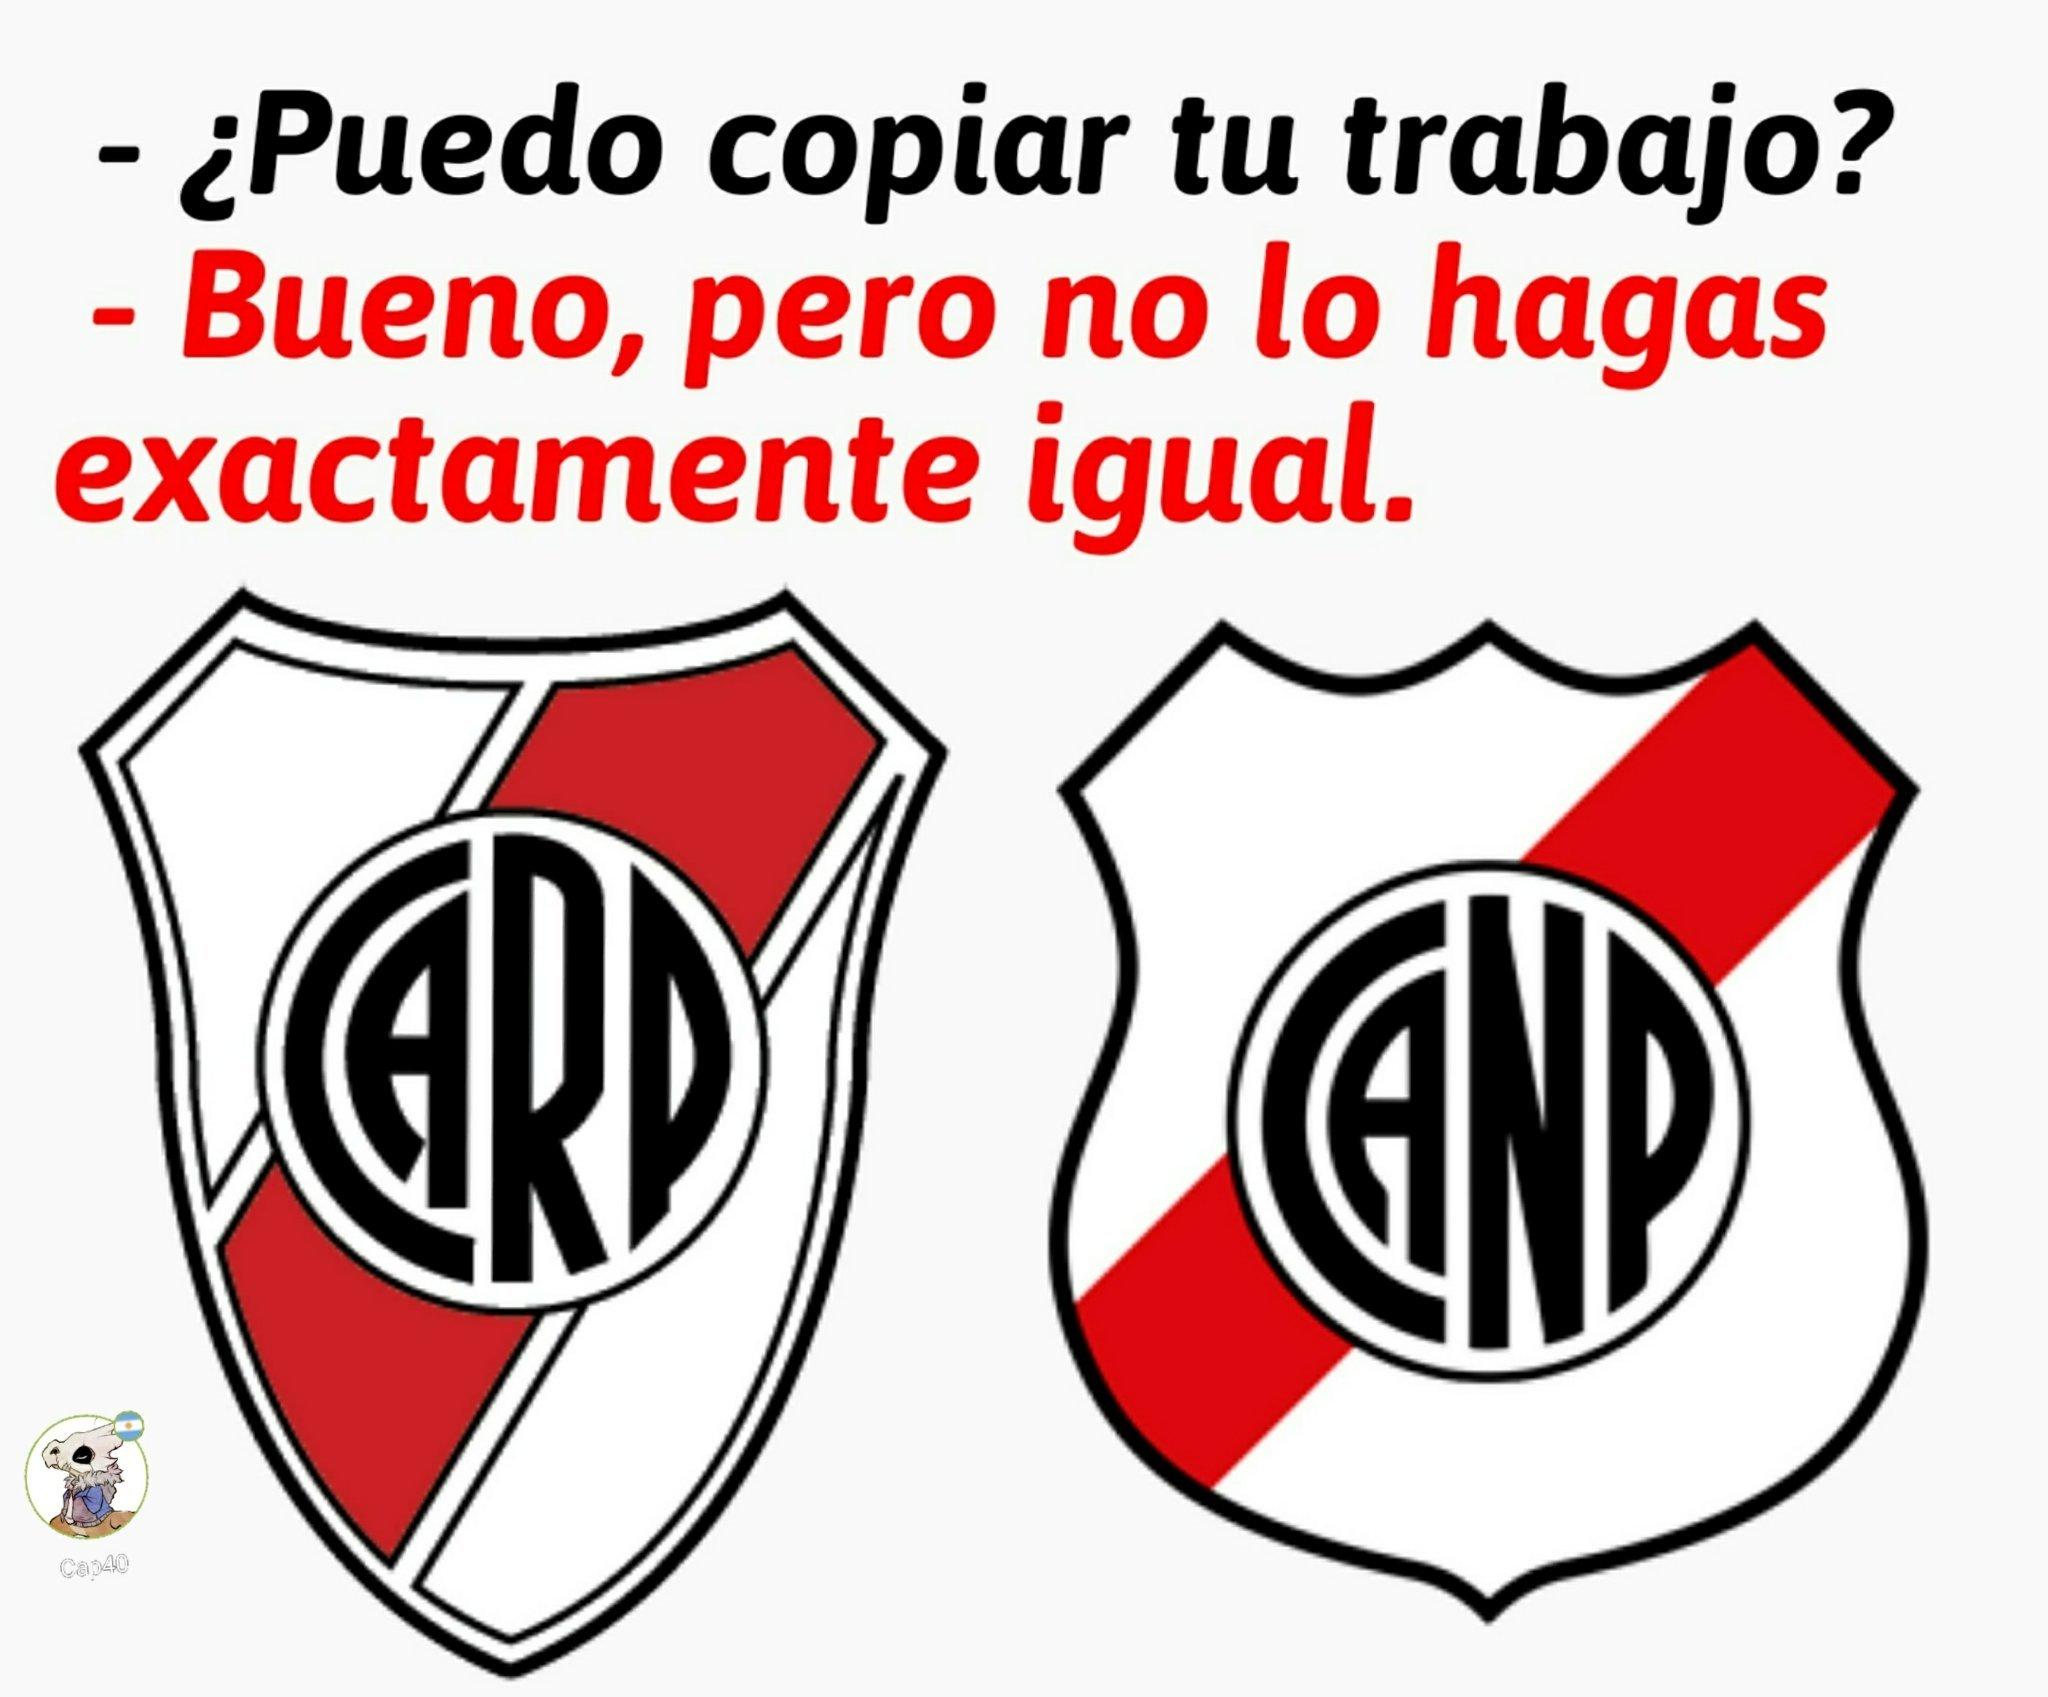 El de la izquierda es River Plate (Argentina) y el de la derecha es Nacional Potosí (Bolivia) - meme